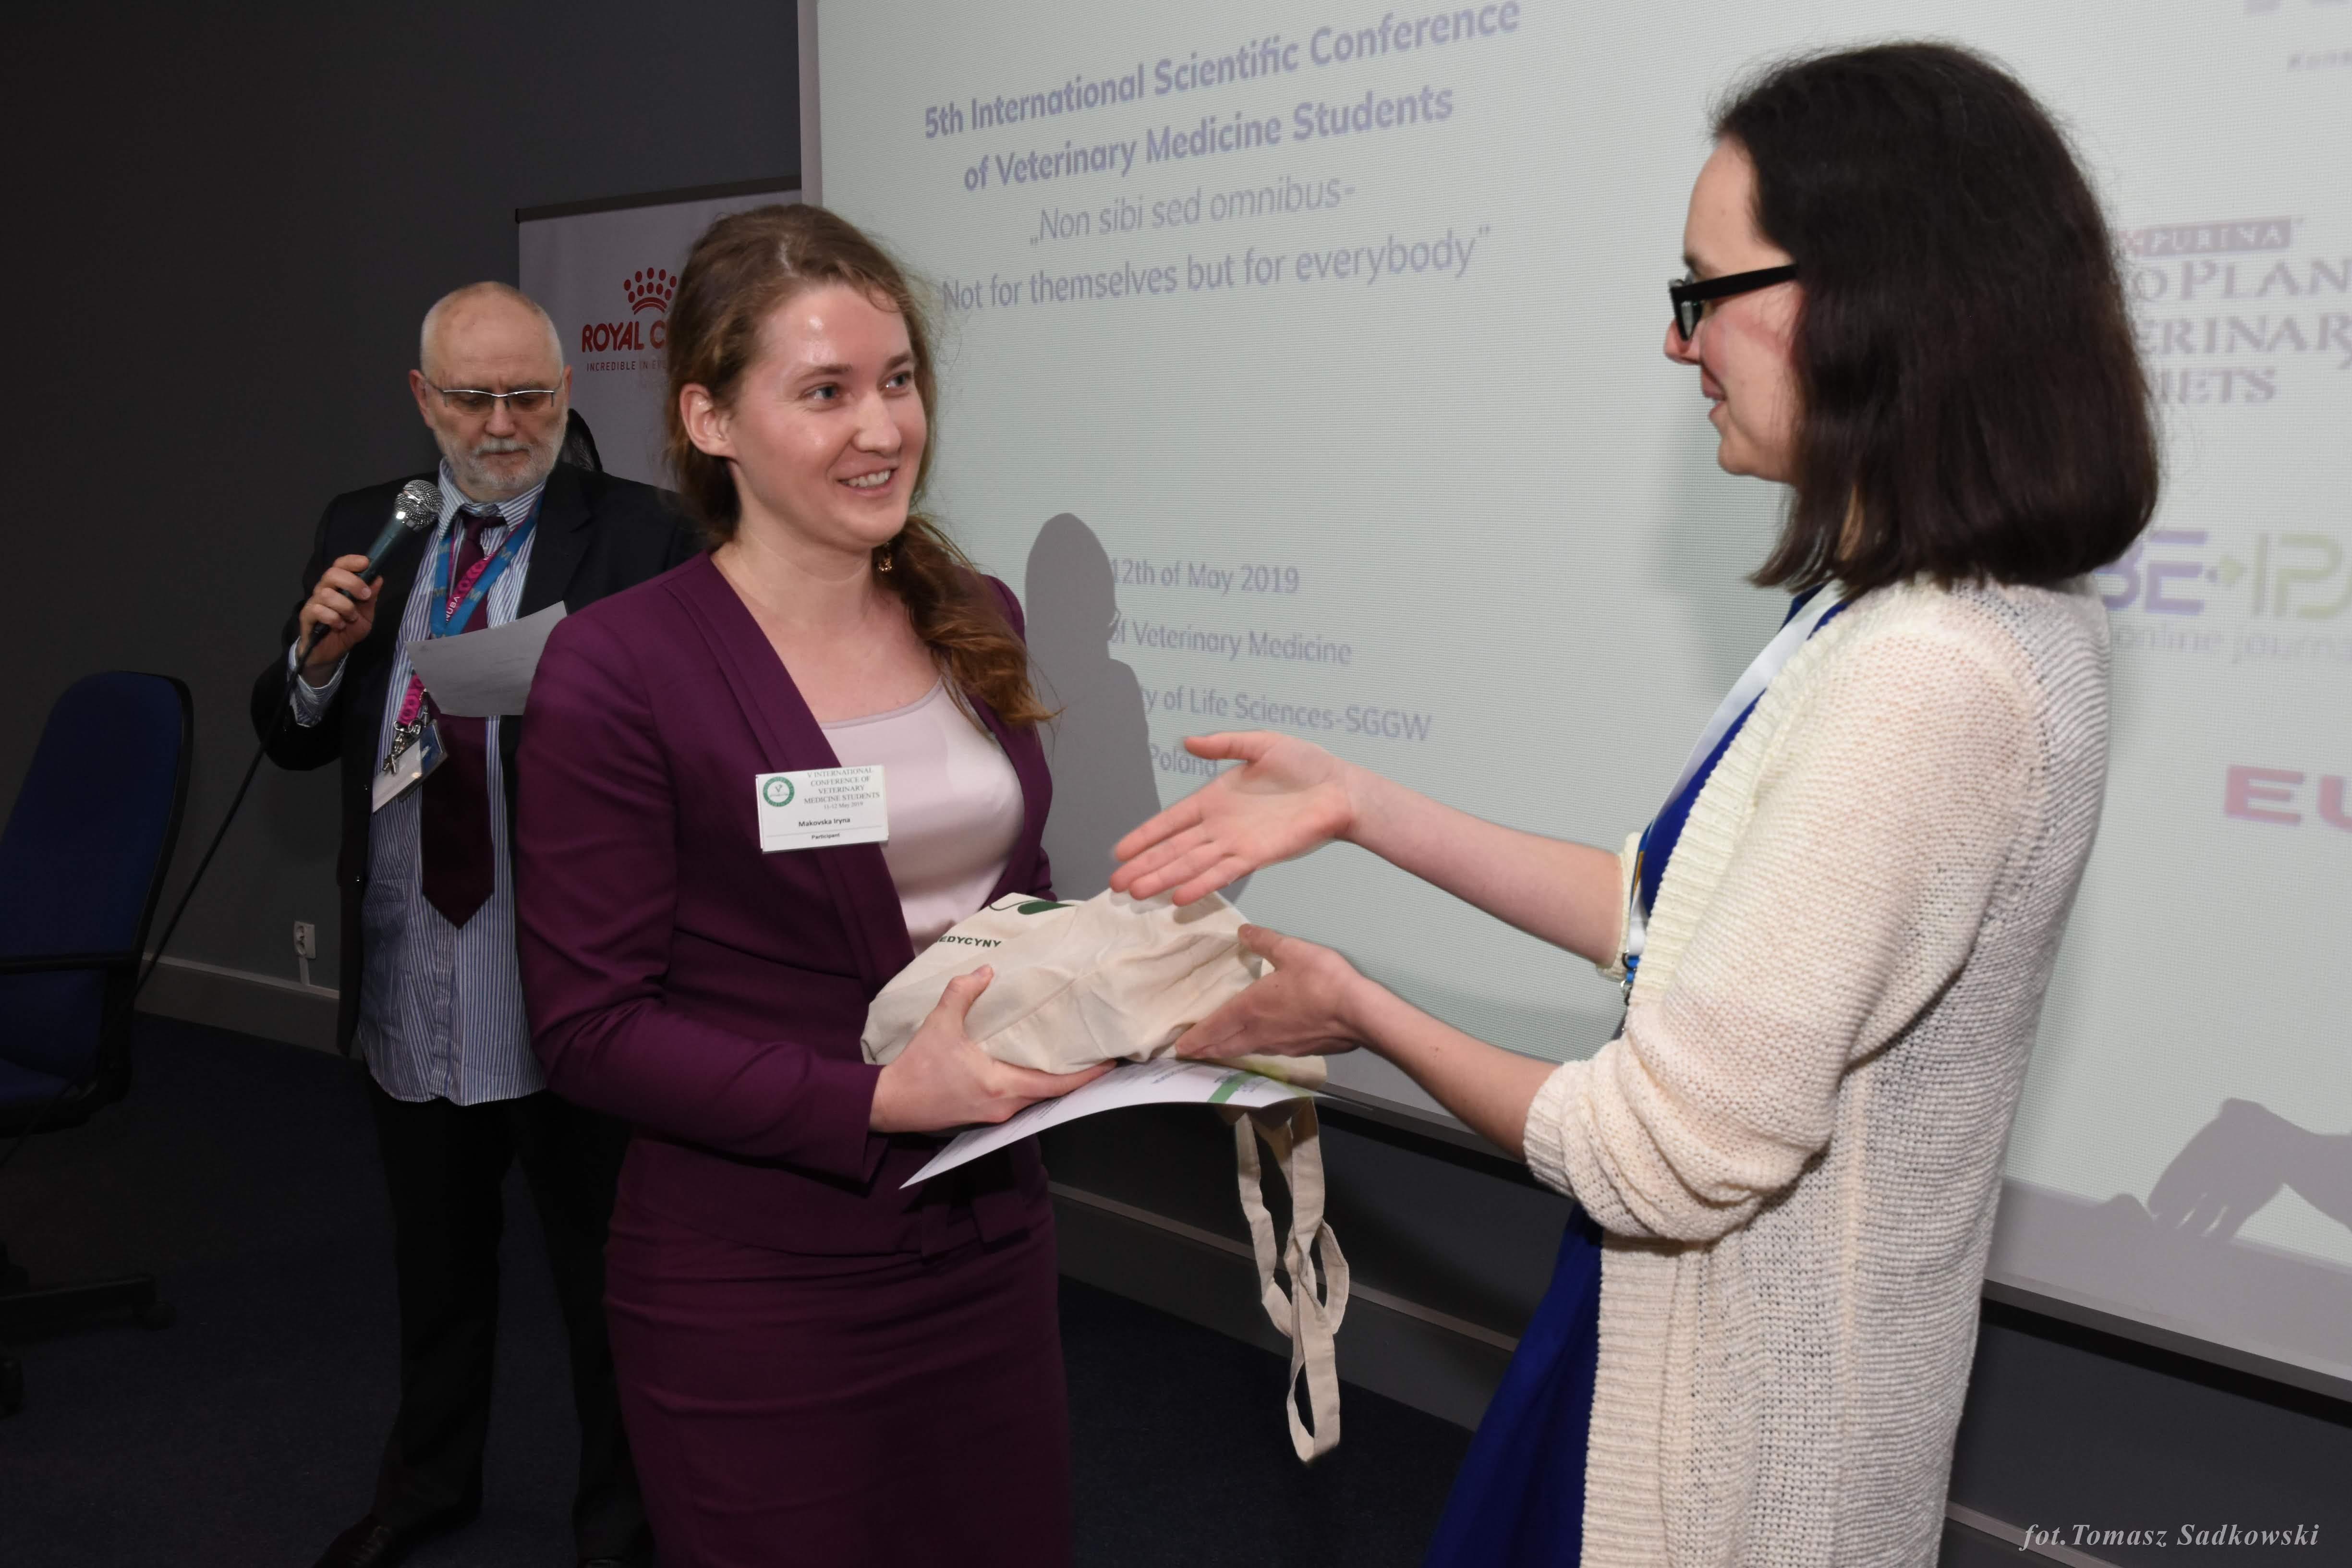 Iryna Makovsk awarded in PhD session